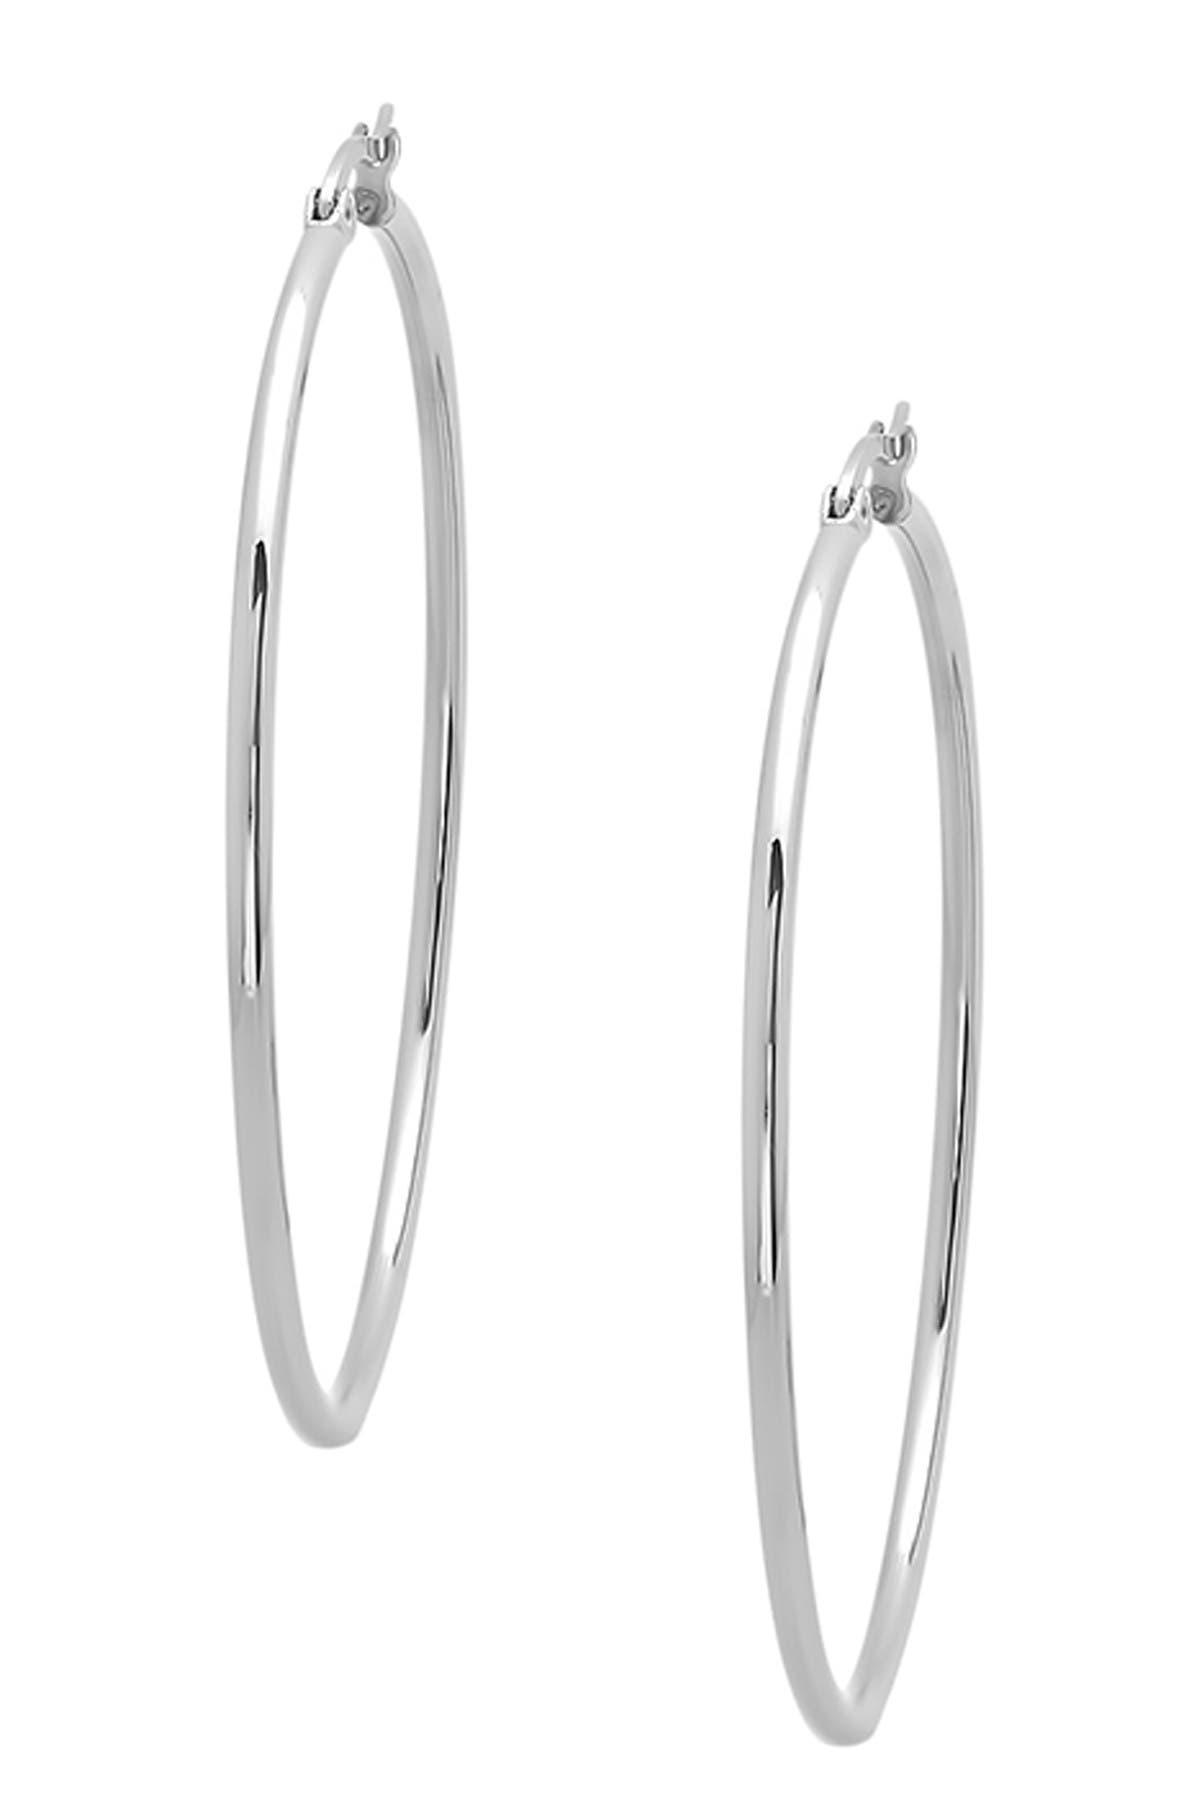 Image of HMY Jewelry Stainless Steel Hoop Earrings